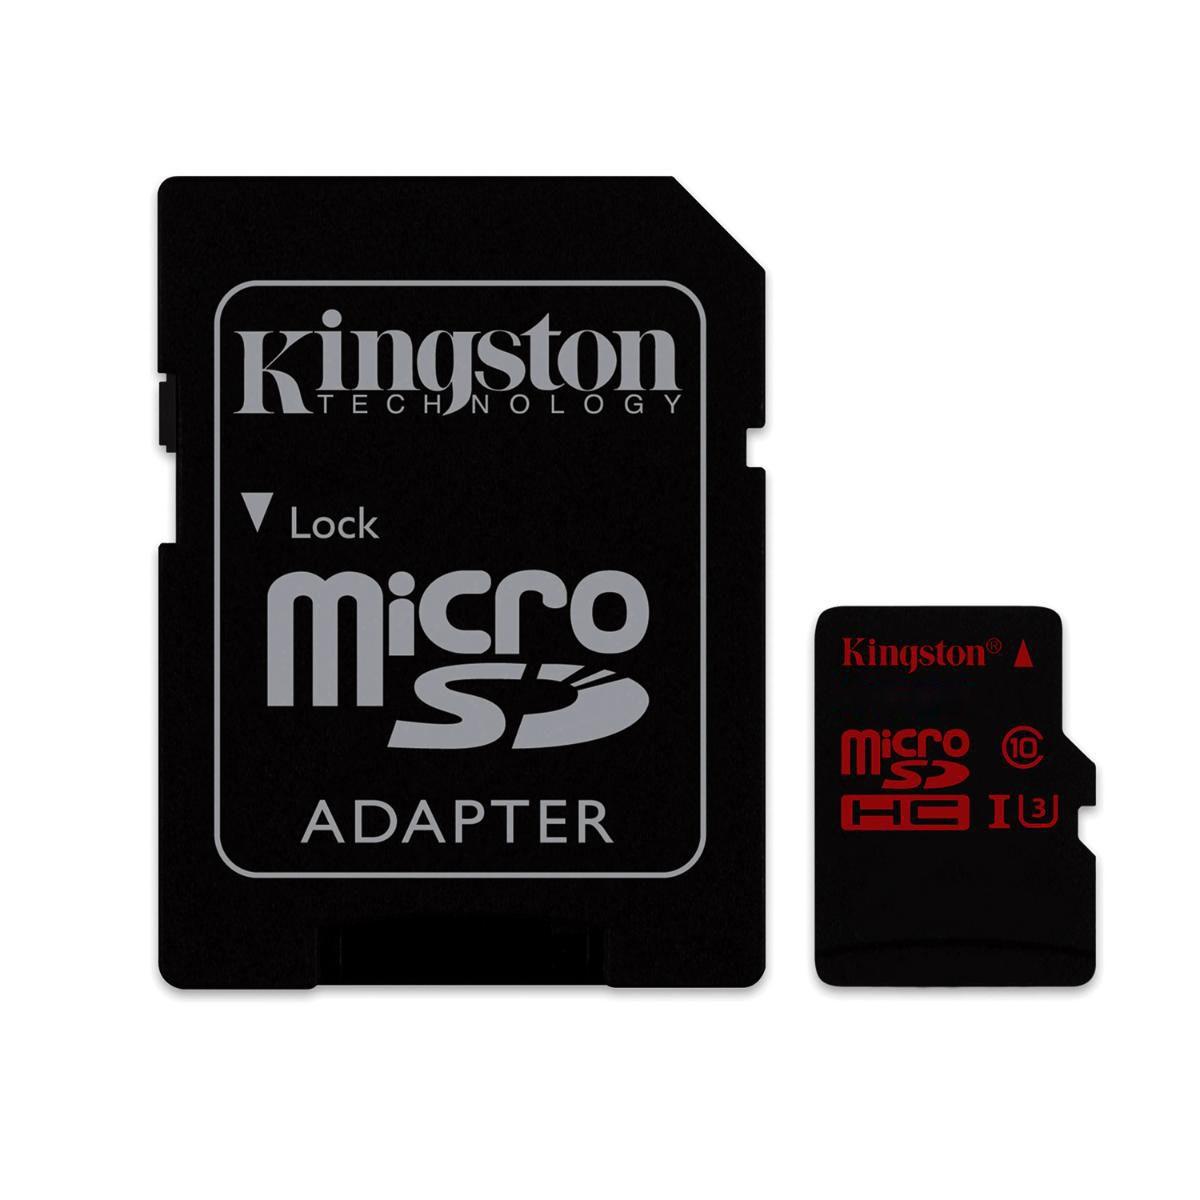 Cartão de Memória Kingston MicroSD Classe 10 U3 90MB/s e 80MB/s com Adaptador - SDCA3